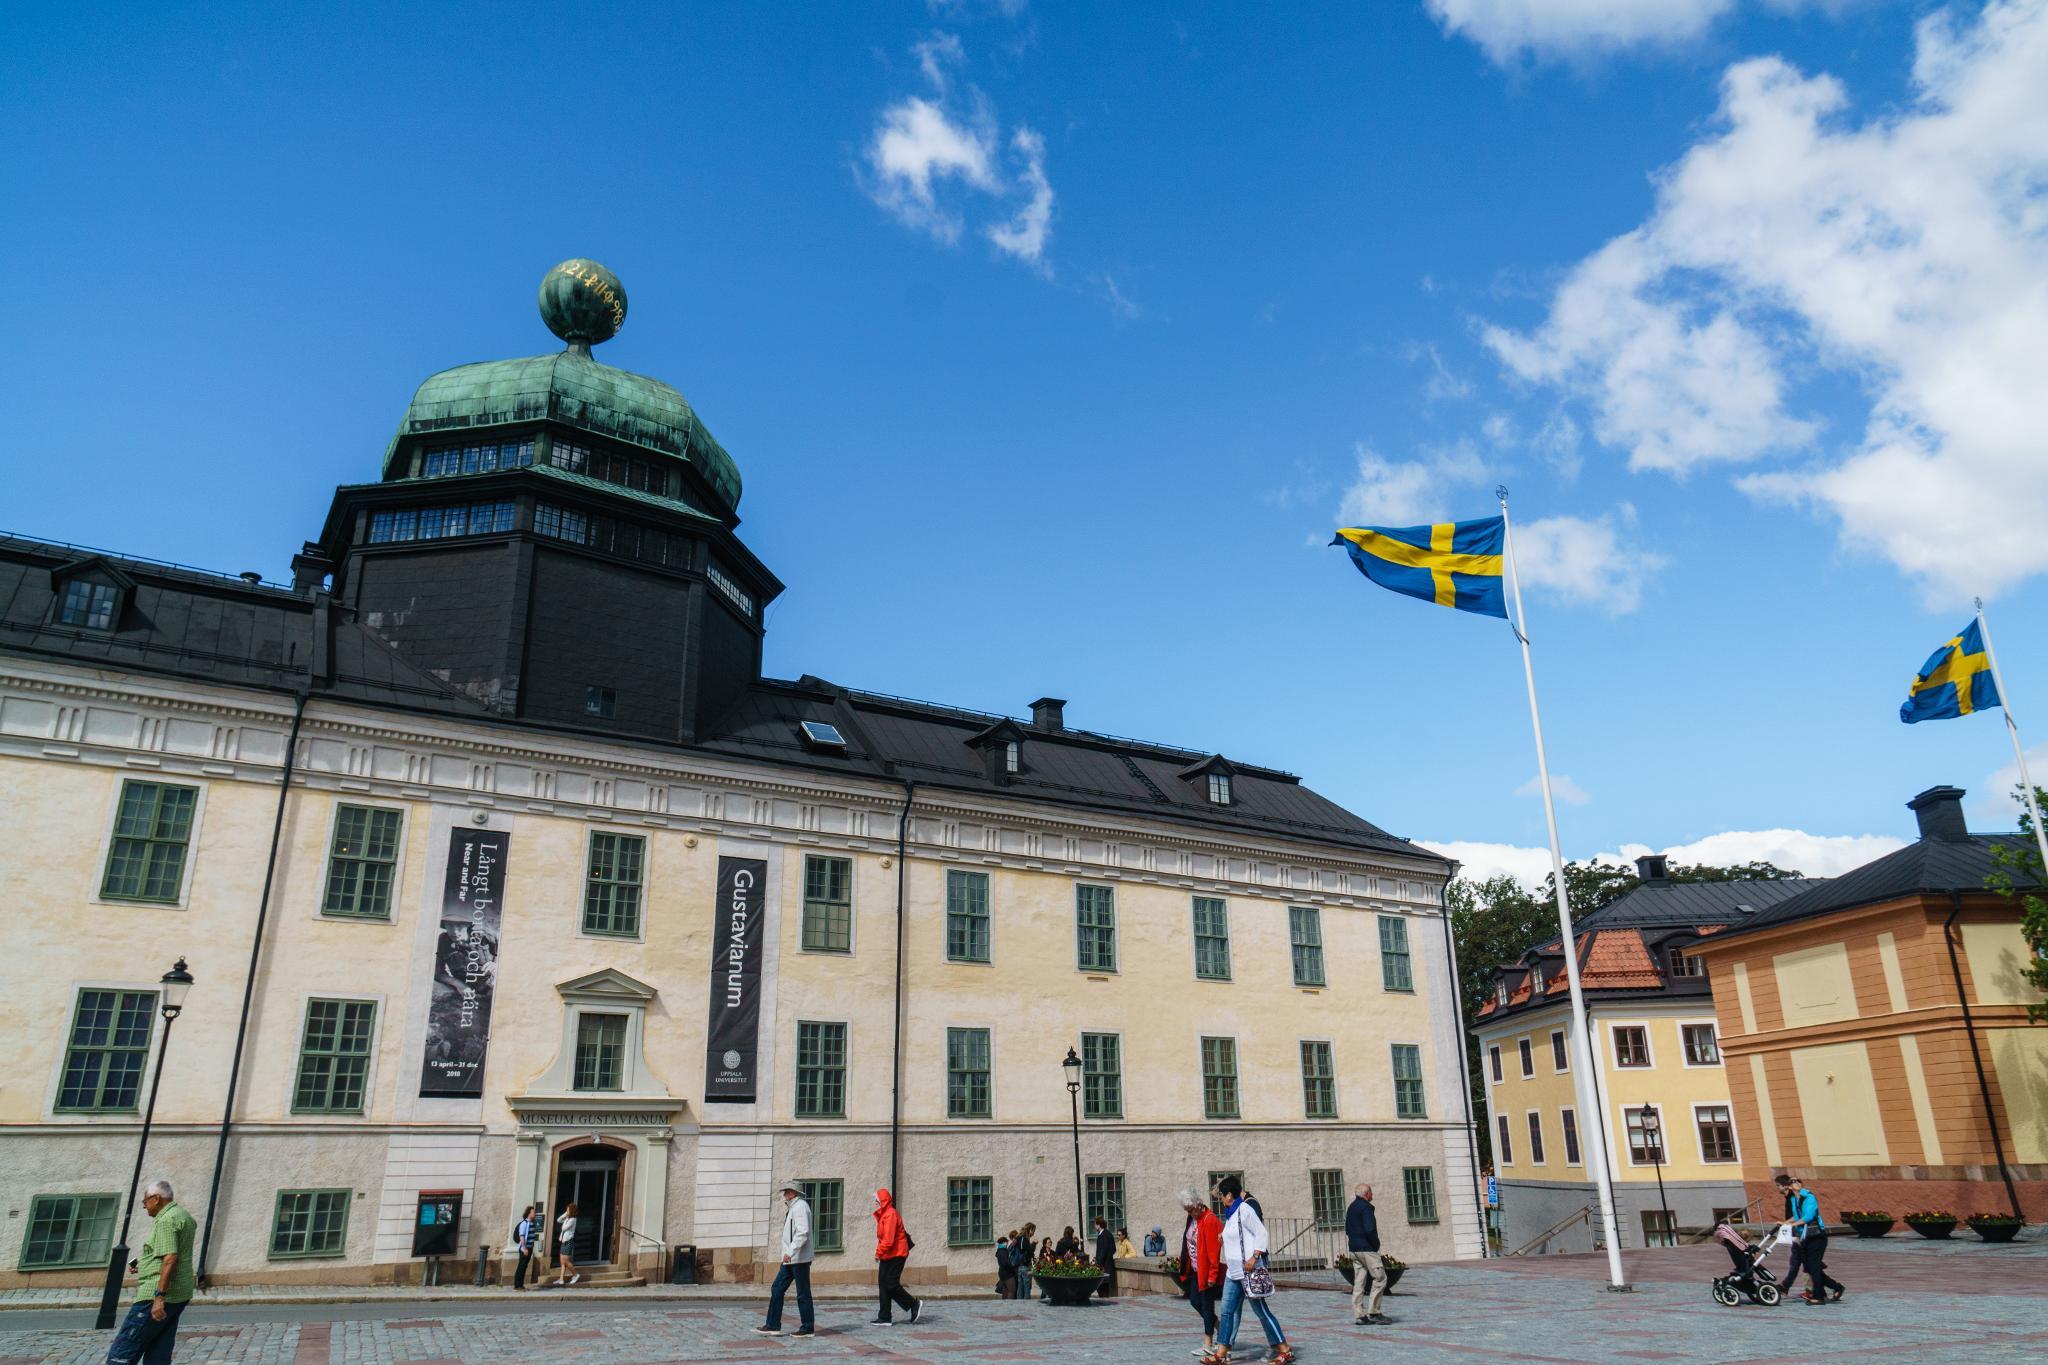 【北歐景點】瑞典的歷史縮影 — 老城烏普薩拉(Uppsala)的人文風景 26